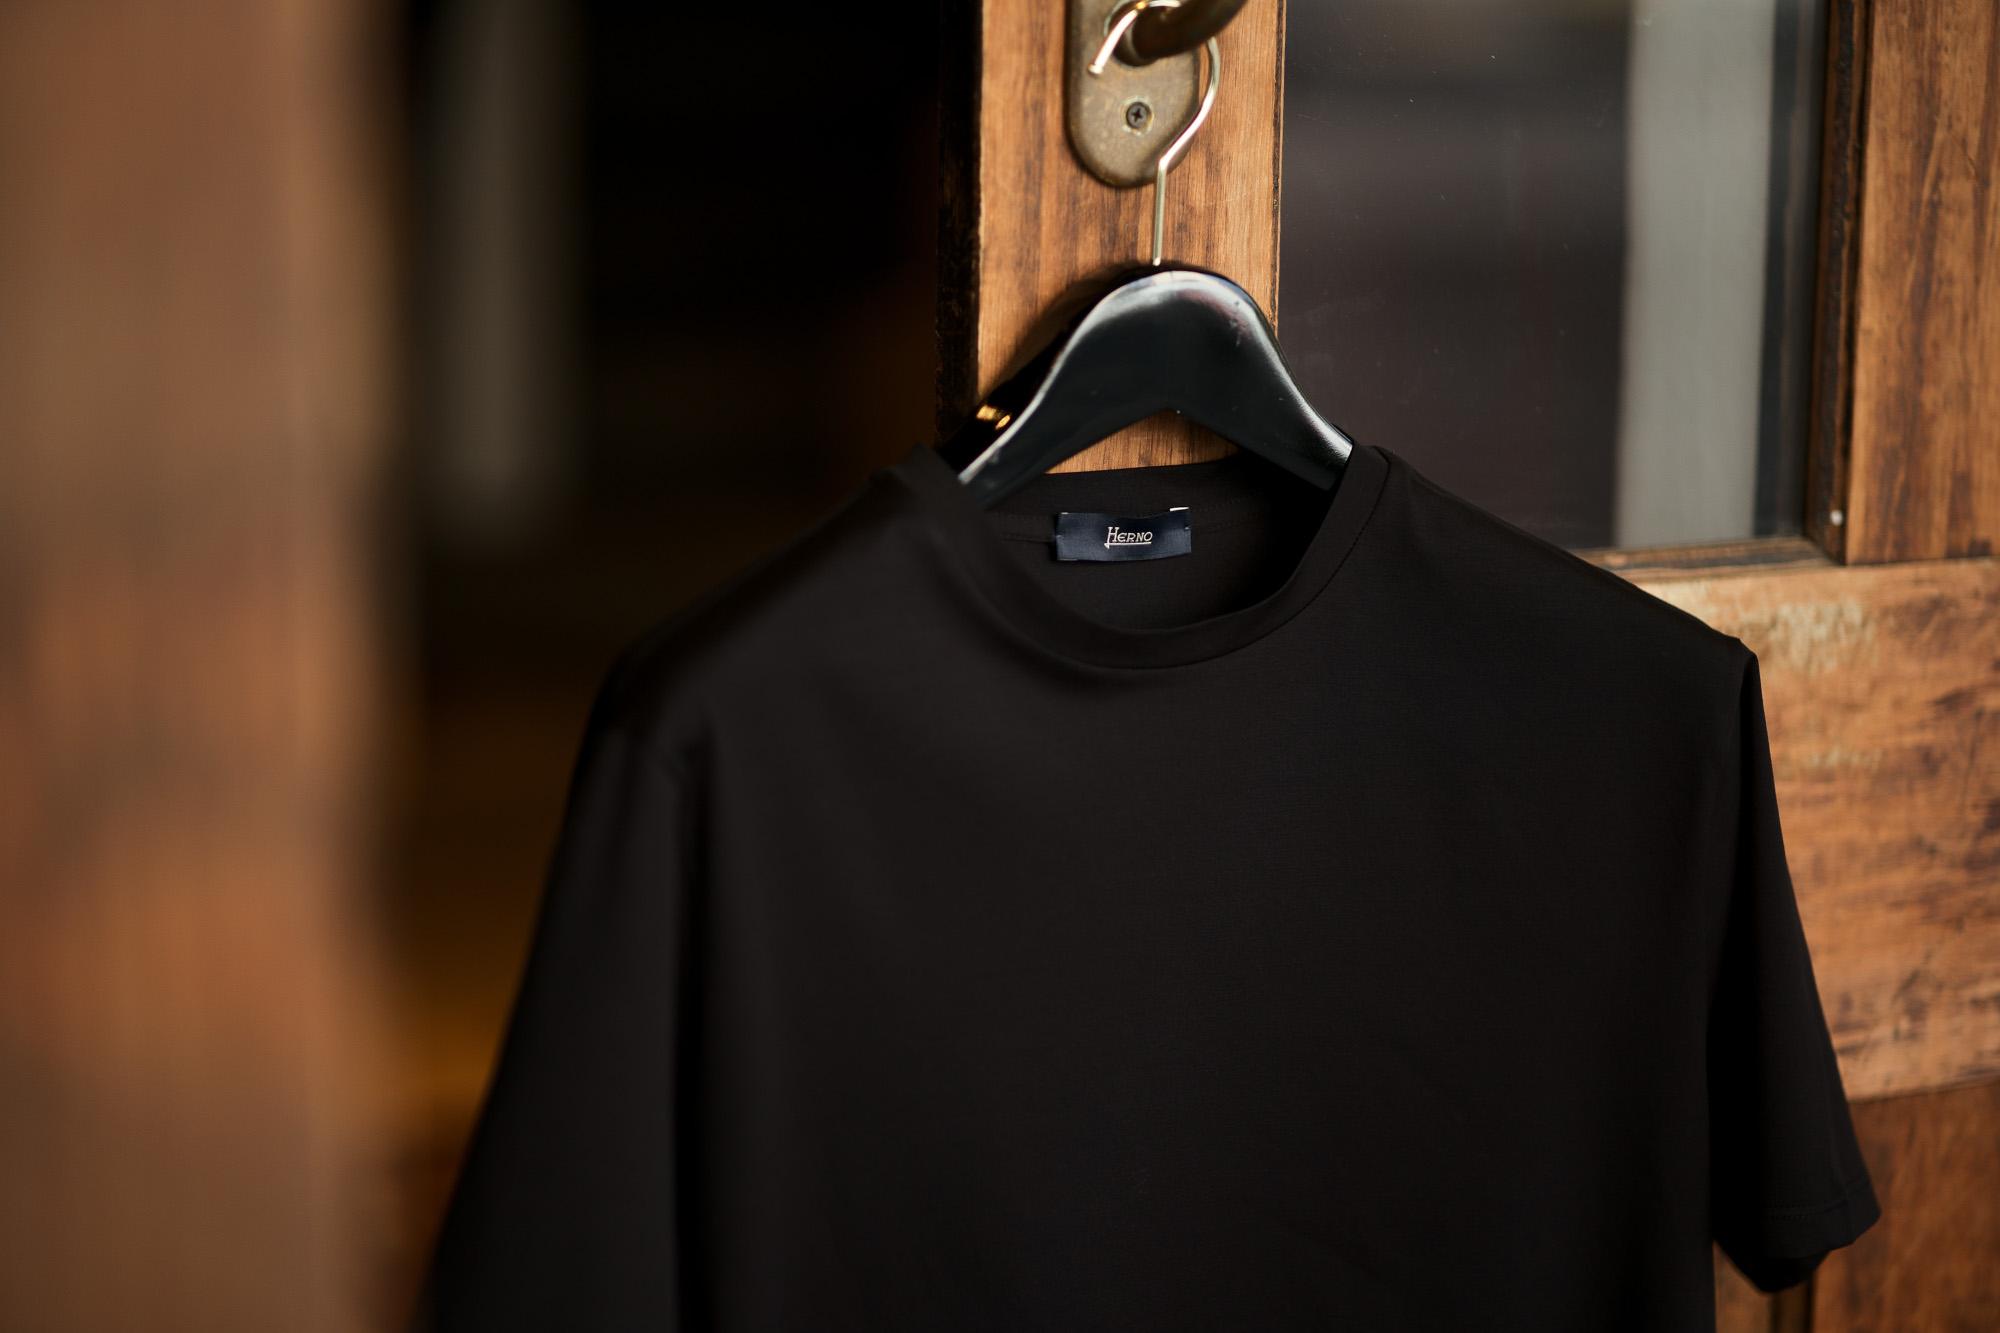 HERNO (ヘルノ) Cotton Stretch Crew Neck T-shirt (コットン ストレッチ クルーネック Tシャツ) クルーネック Tシャツ BLACK (ブラック・9300) 2021 春夏新作 Alto e Diritto altoediritto アルトエデリット Tee